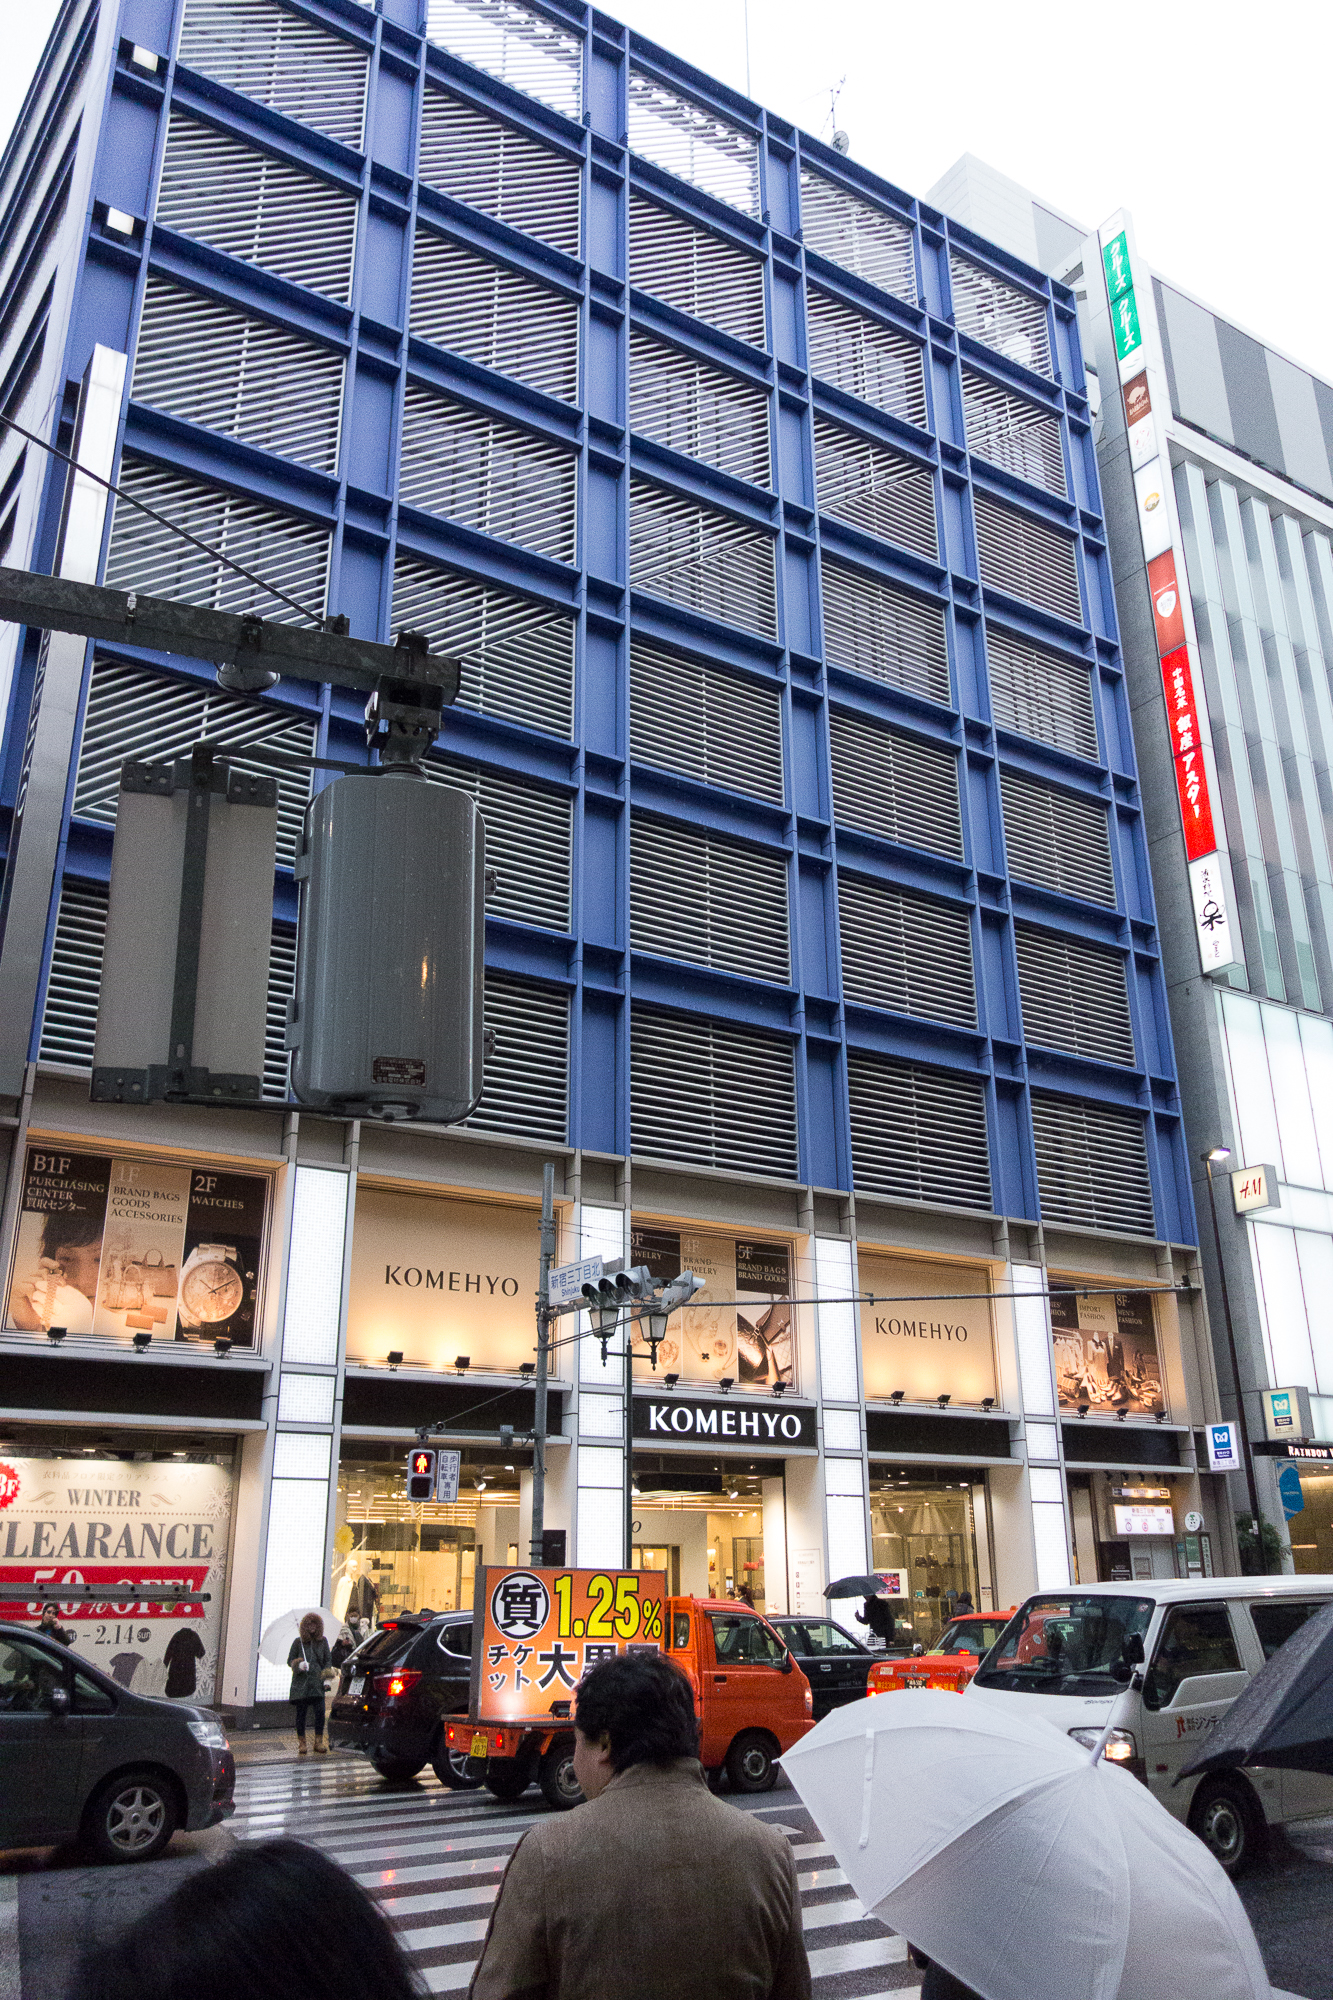 Komeho Shinjuku